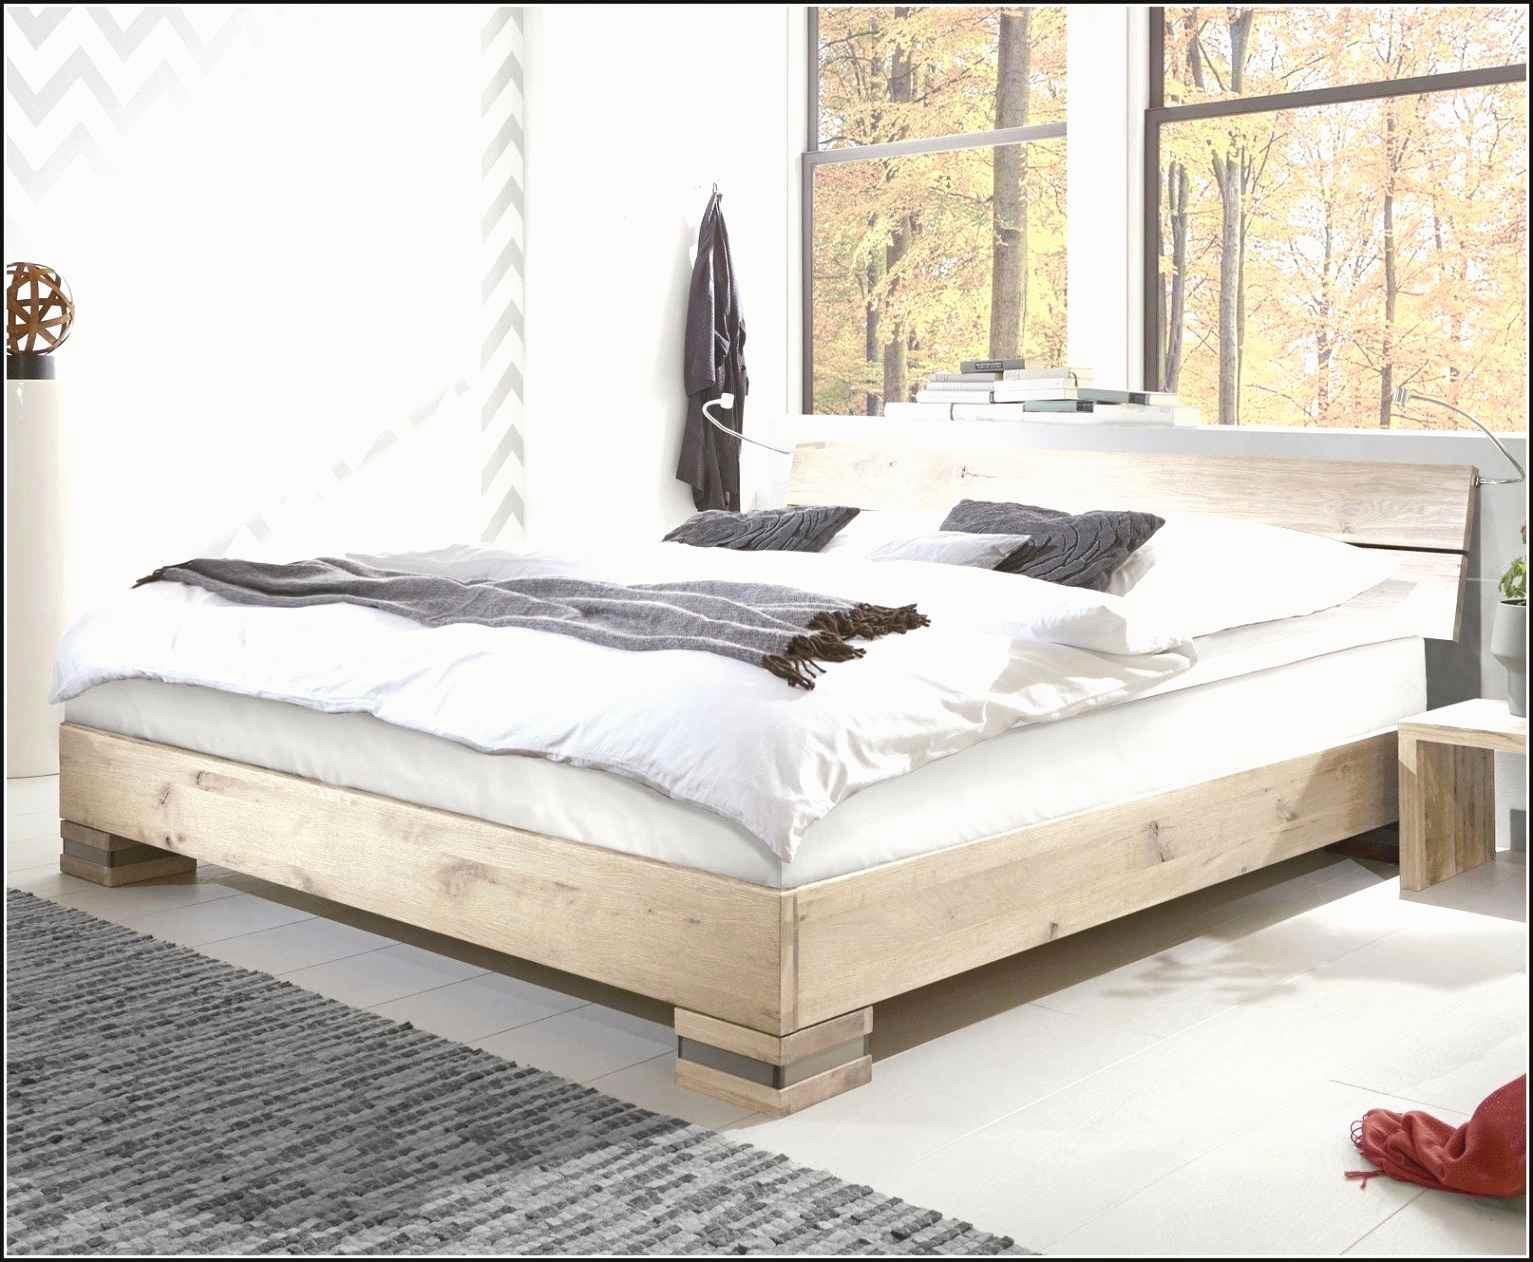 Full Size of Podestbett Ikea Podest Bett Selbst Bauen Mit Stauraum Diy Treppe Selber Miniküche Modulküche Betten 160x200 Küche Kaufen Bei Sofa Schlaffunktion Kosten Wohnzimmer Podestbett Ikea